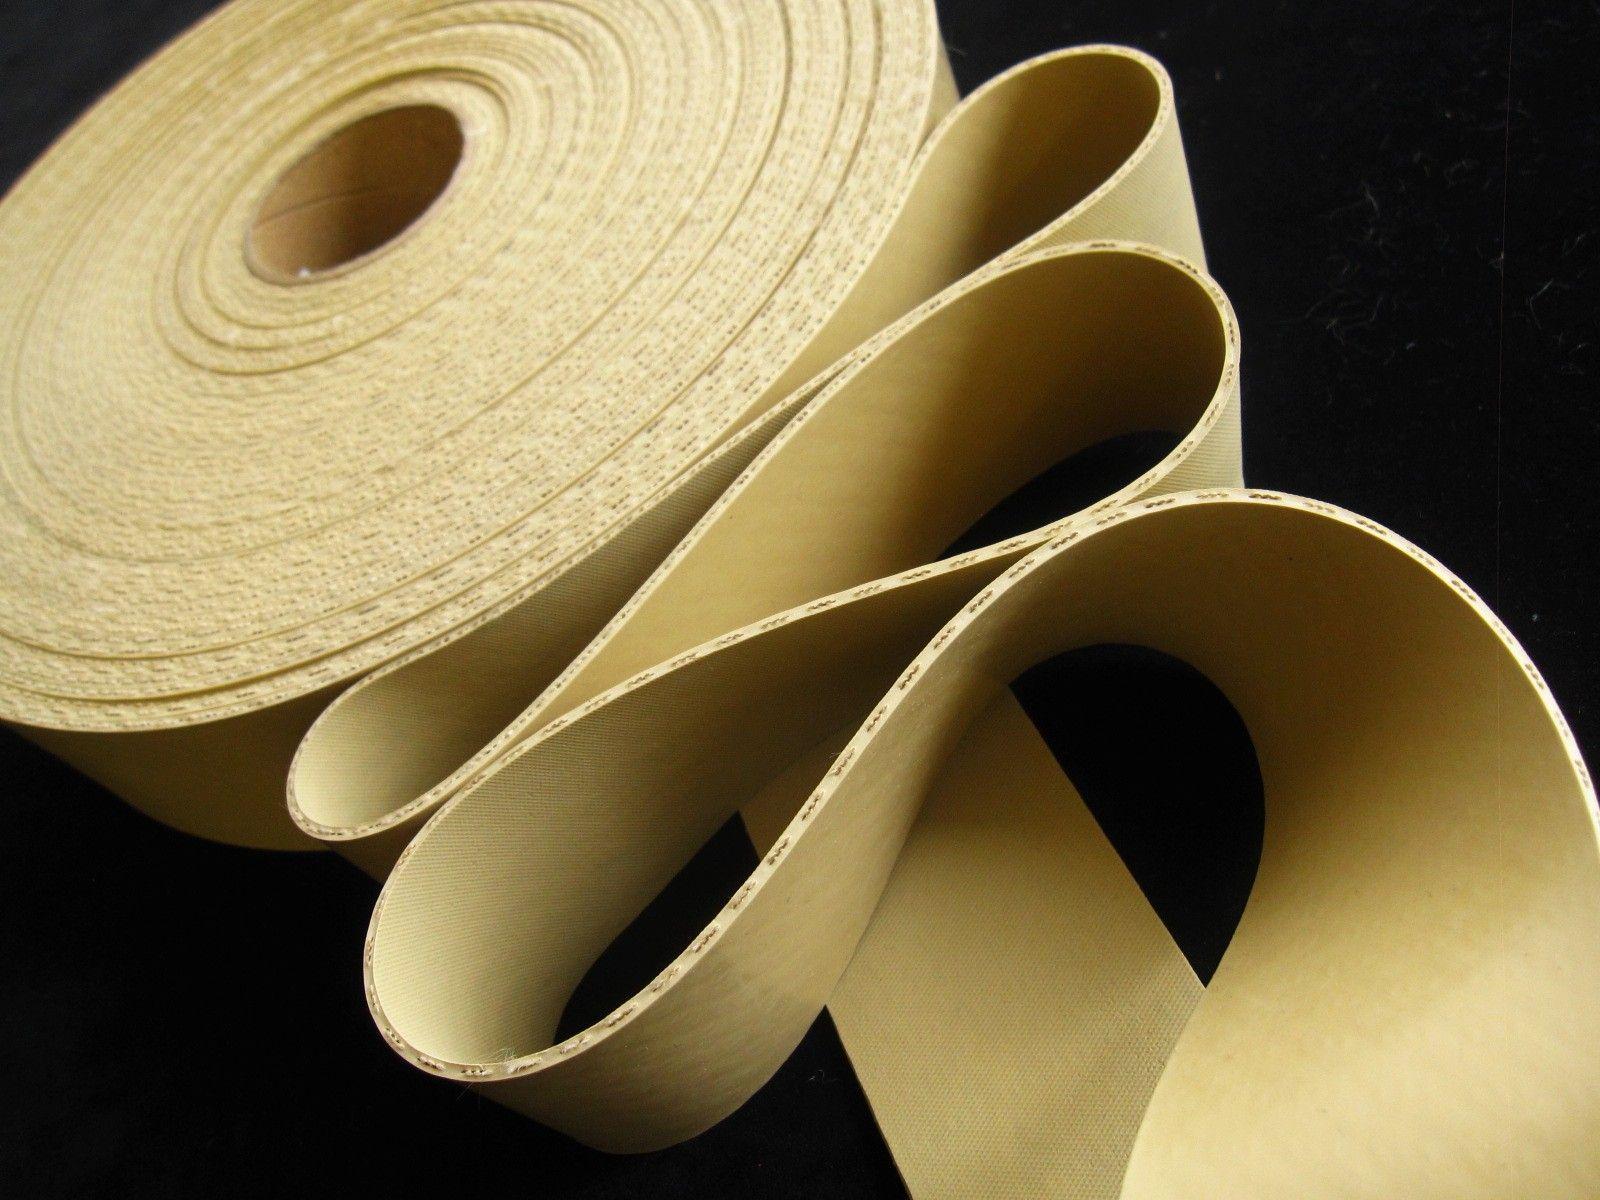 5 Meters Of Rubber Pirelli Webbing 2 Wide Upholstery